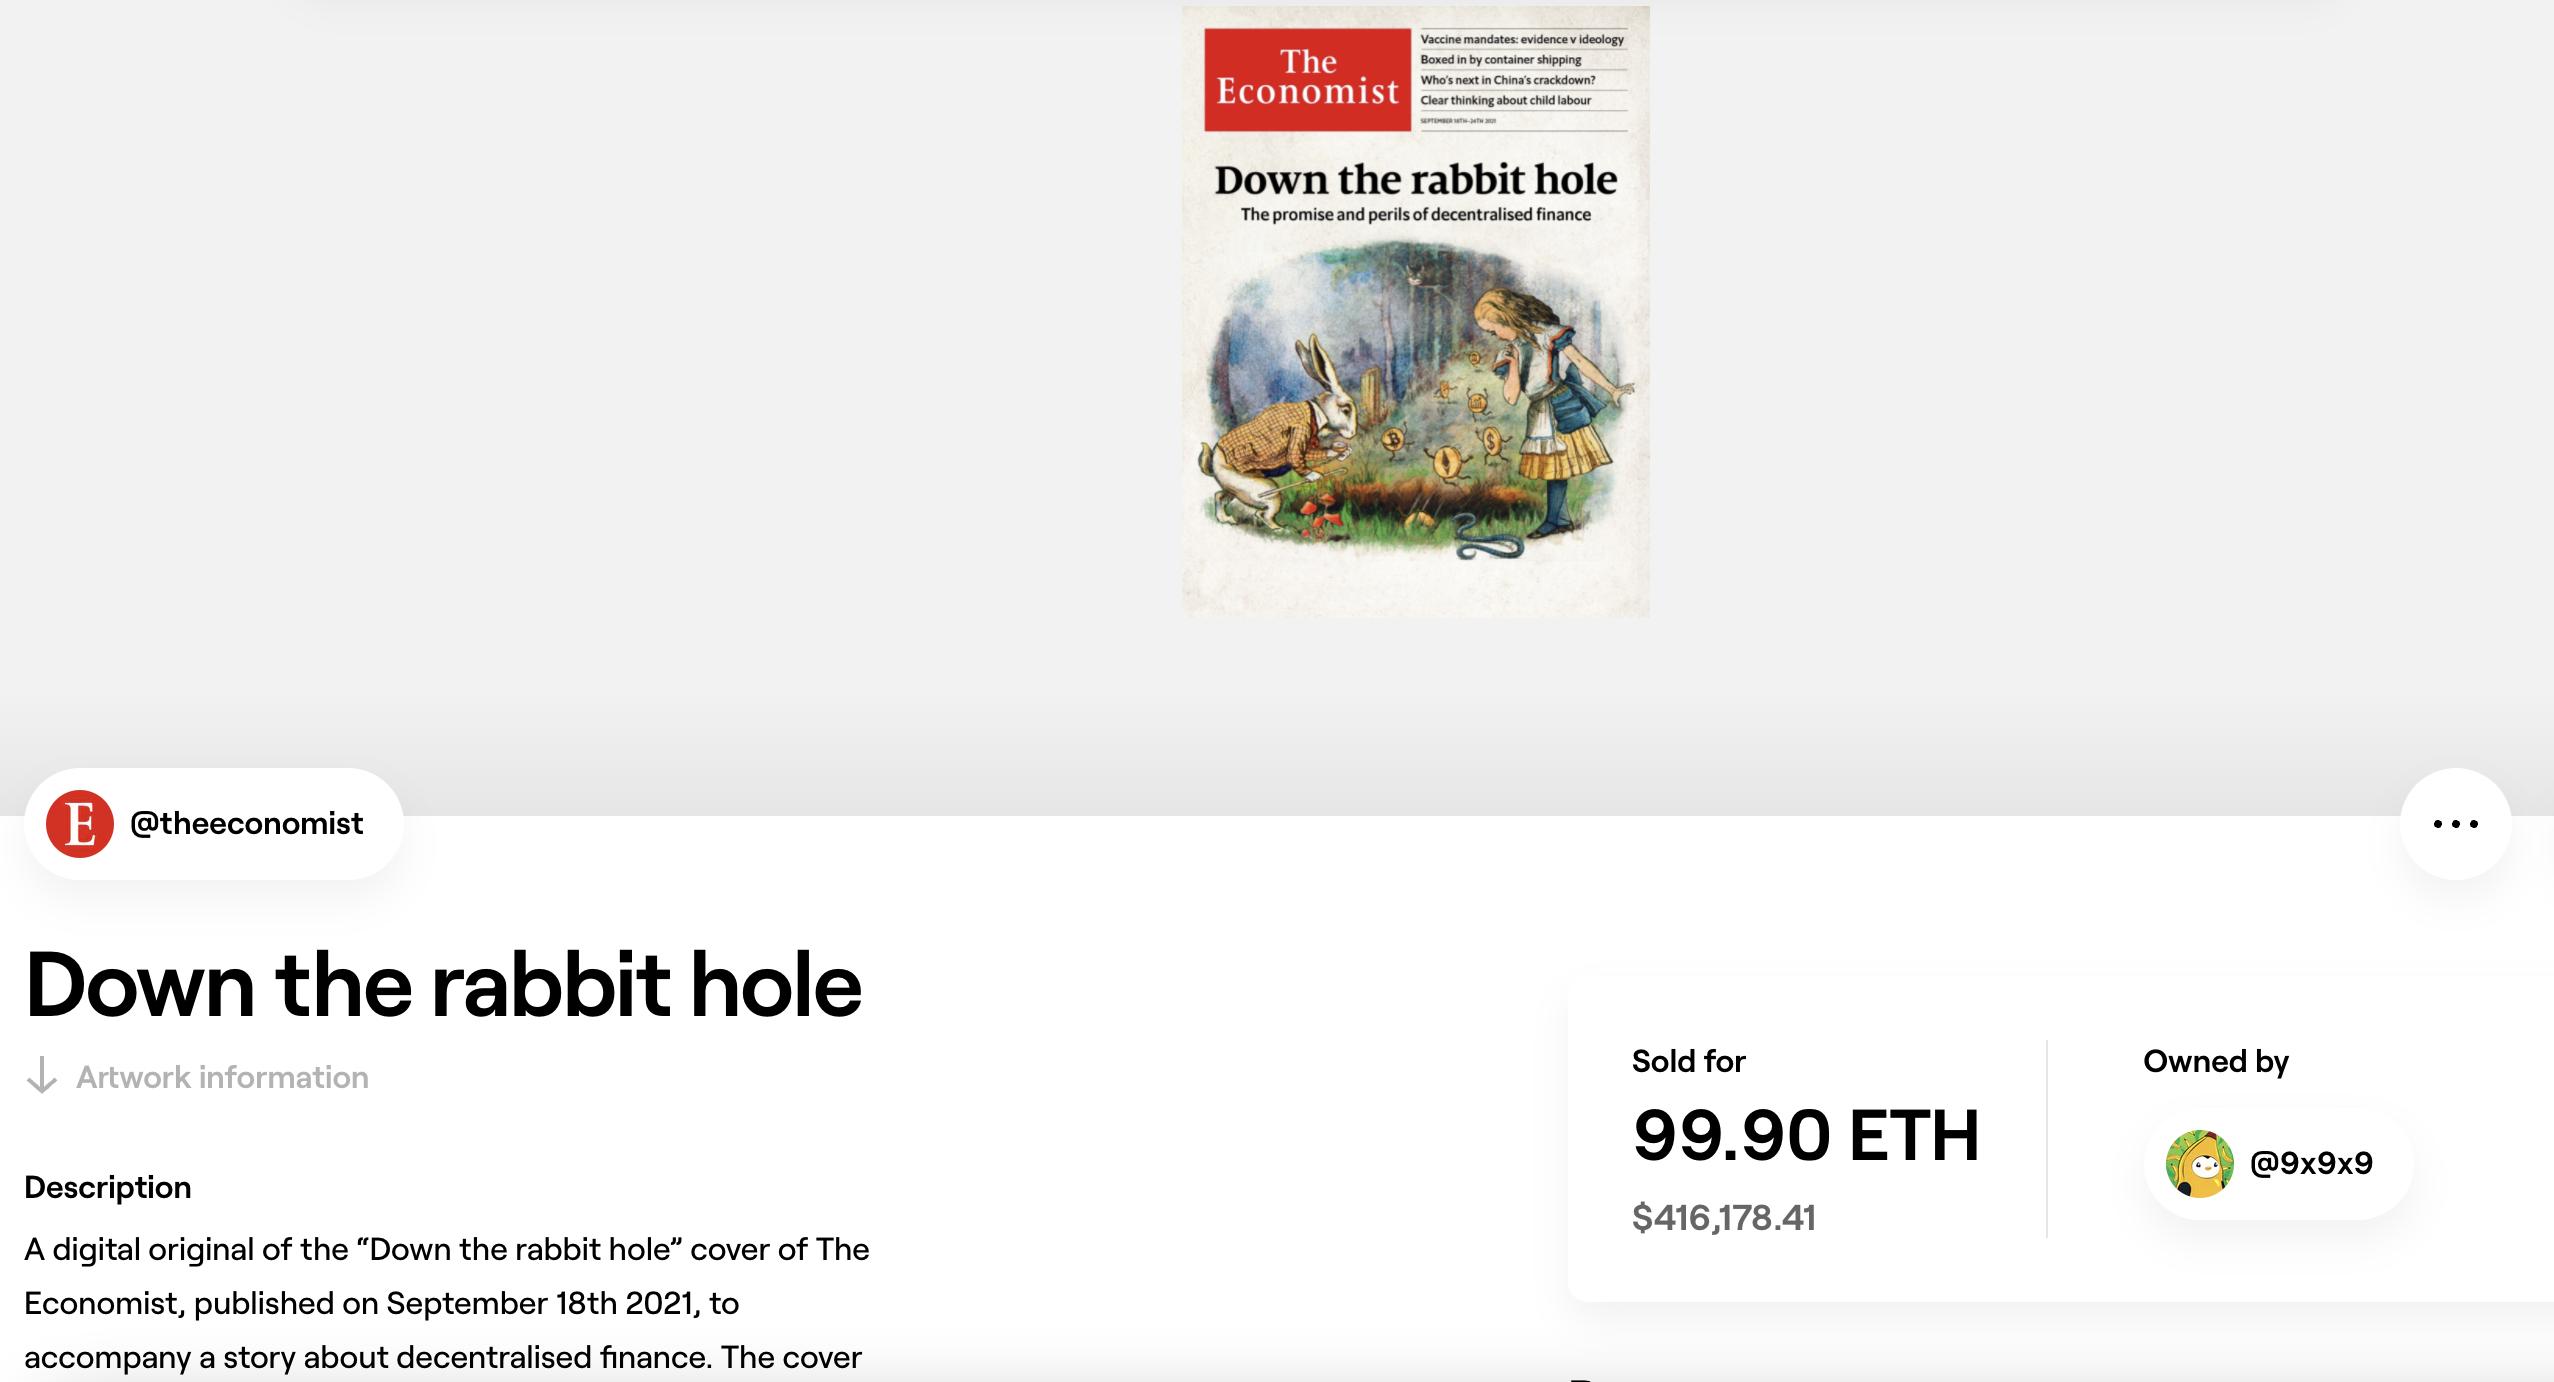 《經濟學人》首次NFT拍賣|DeFi專題封面以 420,000 美元出售